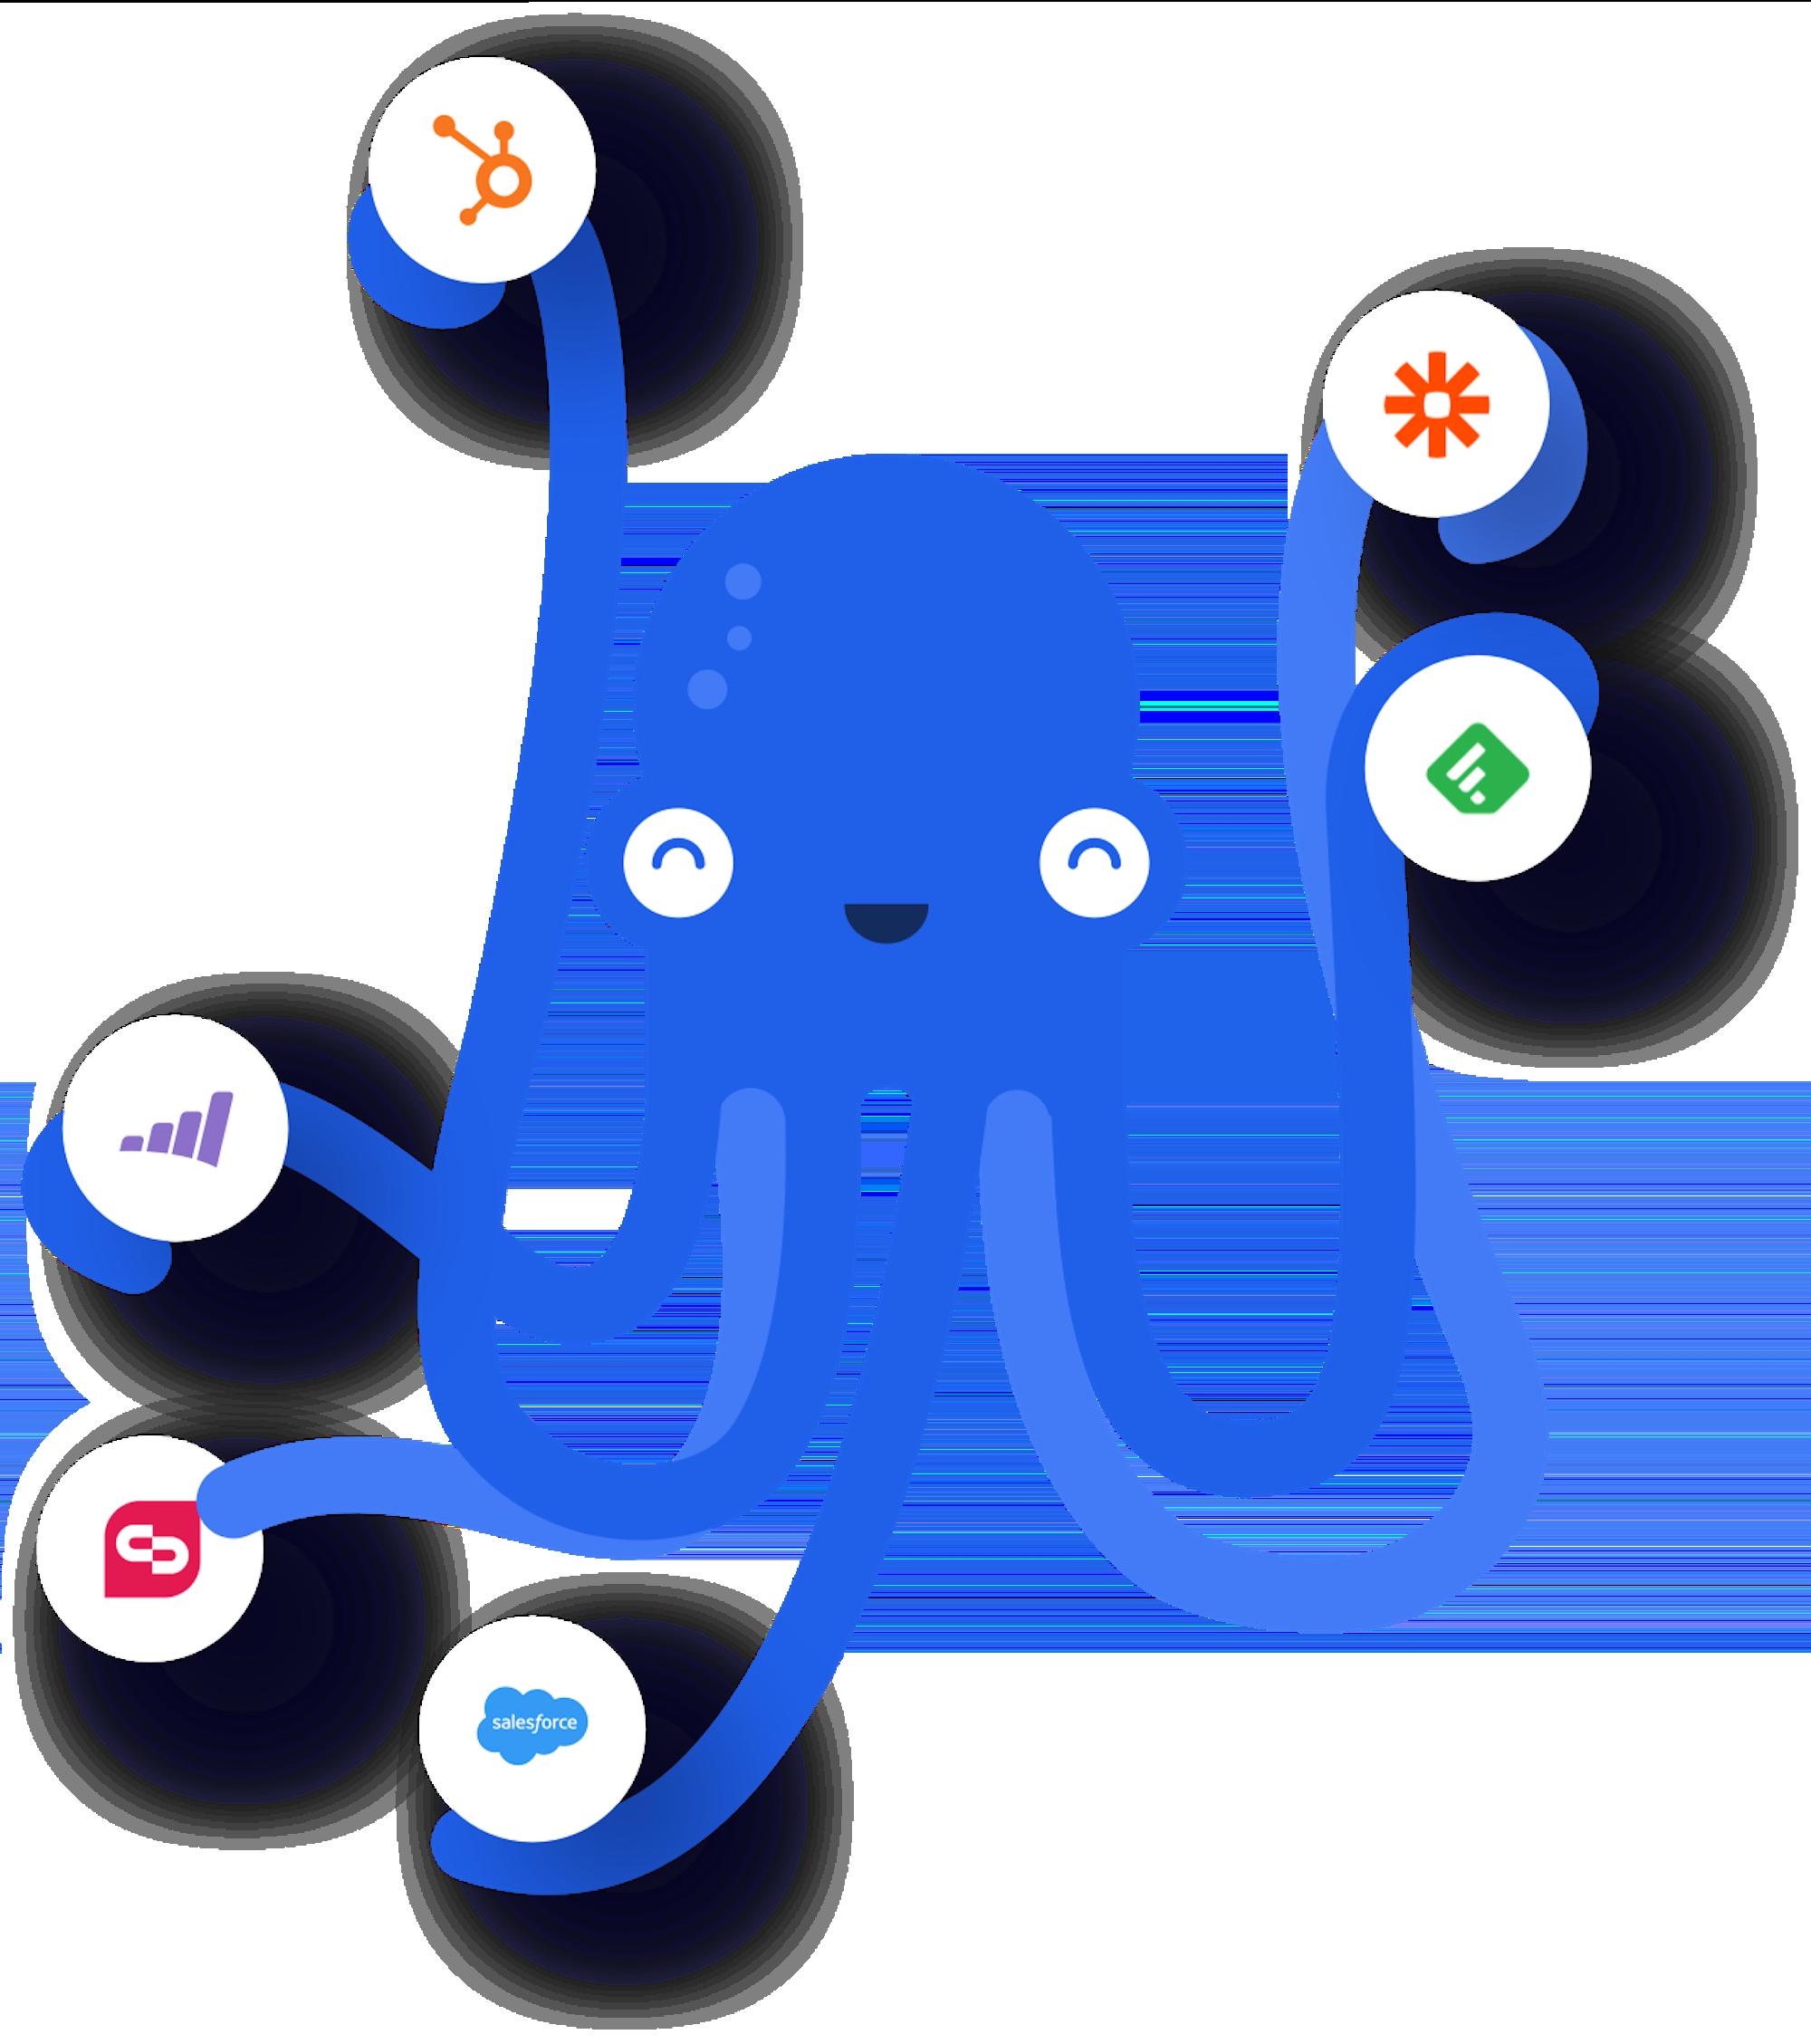 Oktopost, a B2B social media management platform